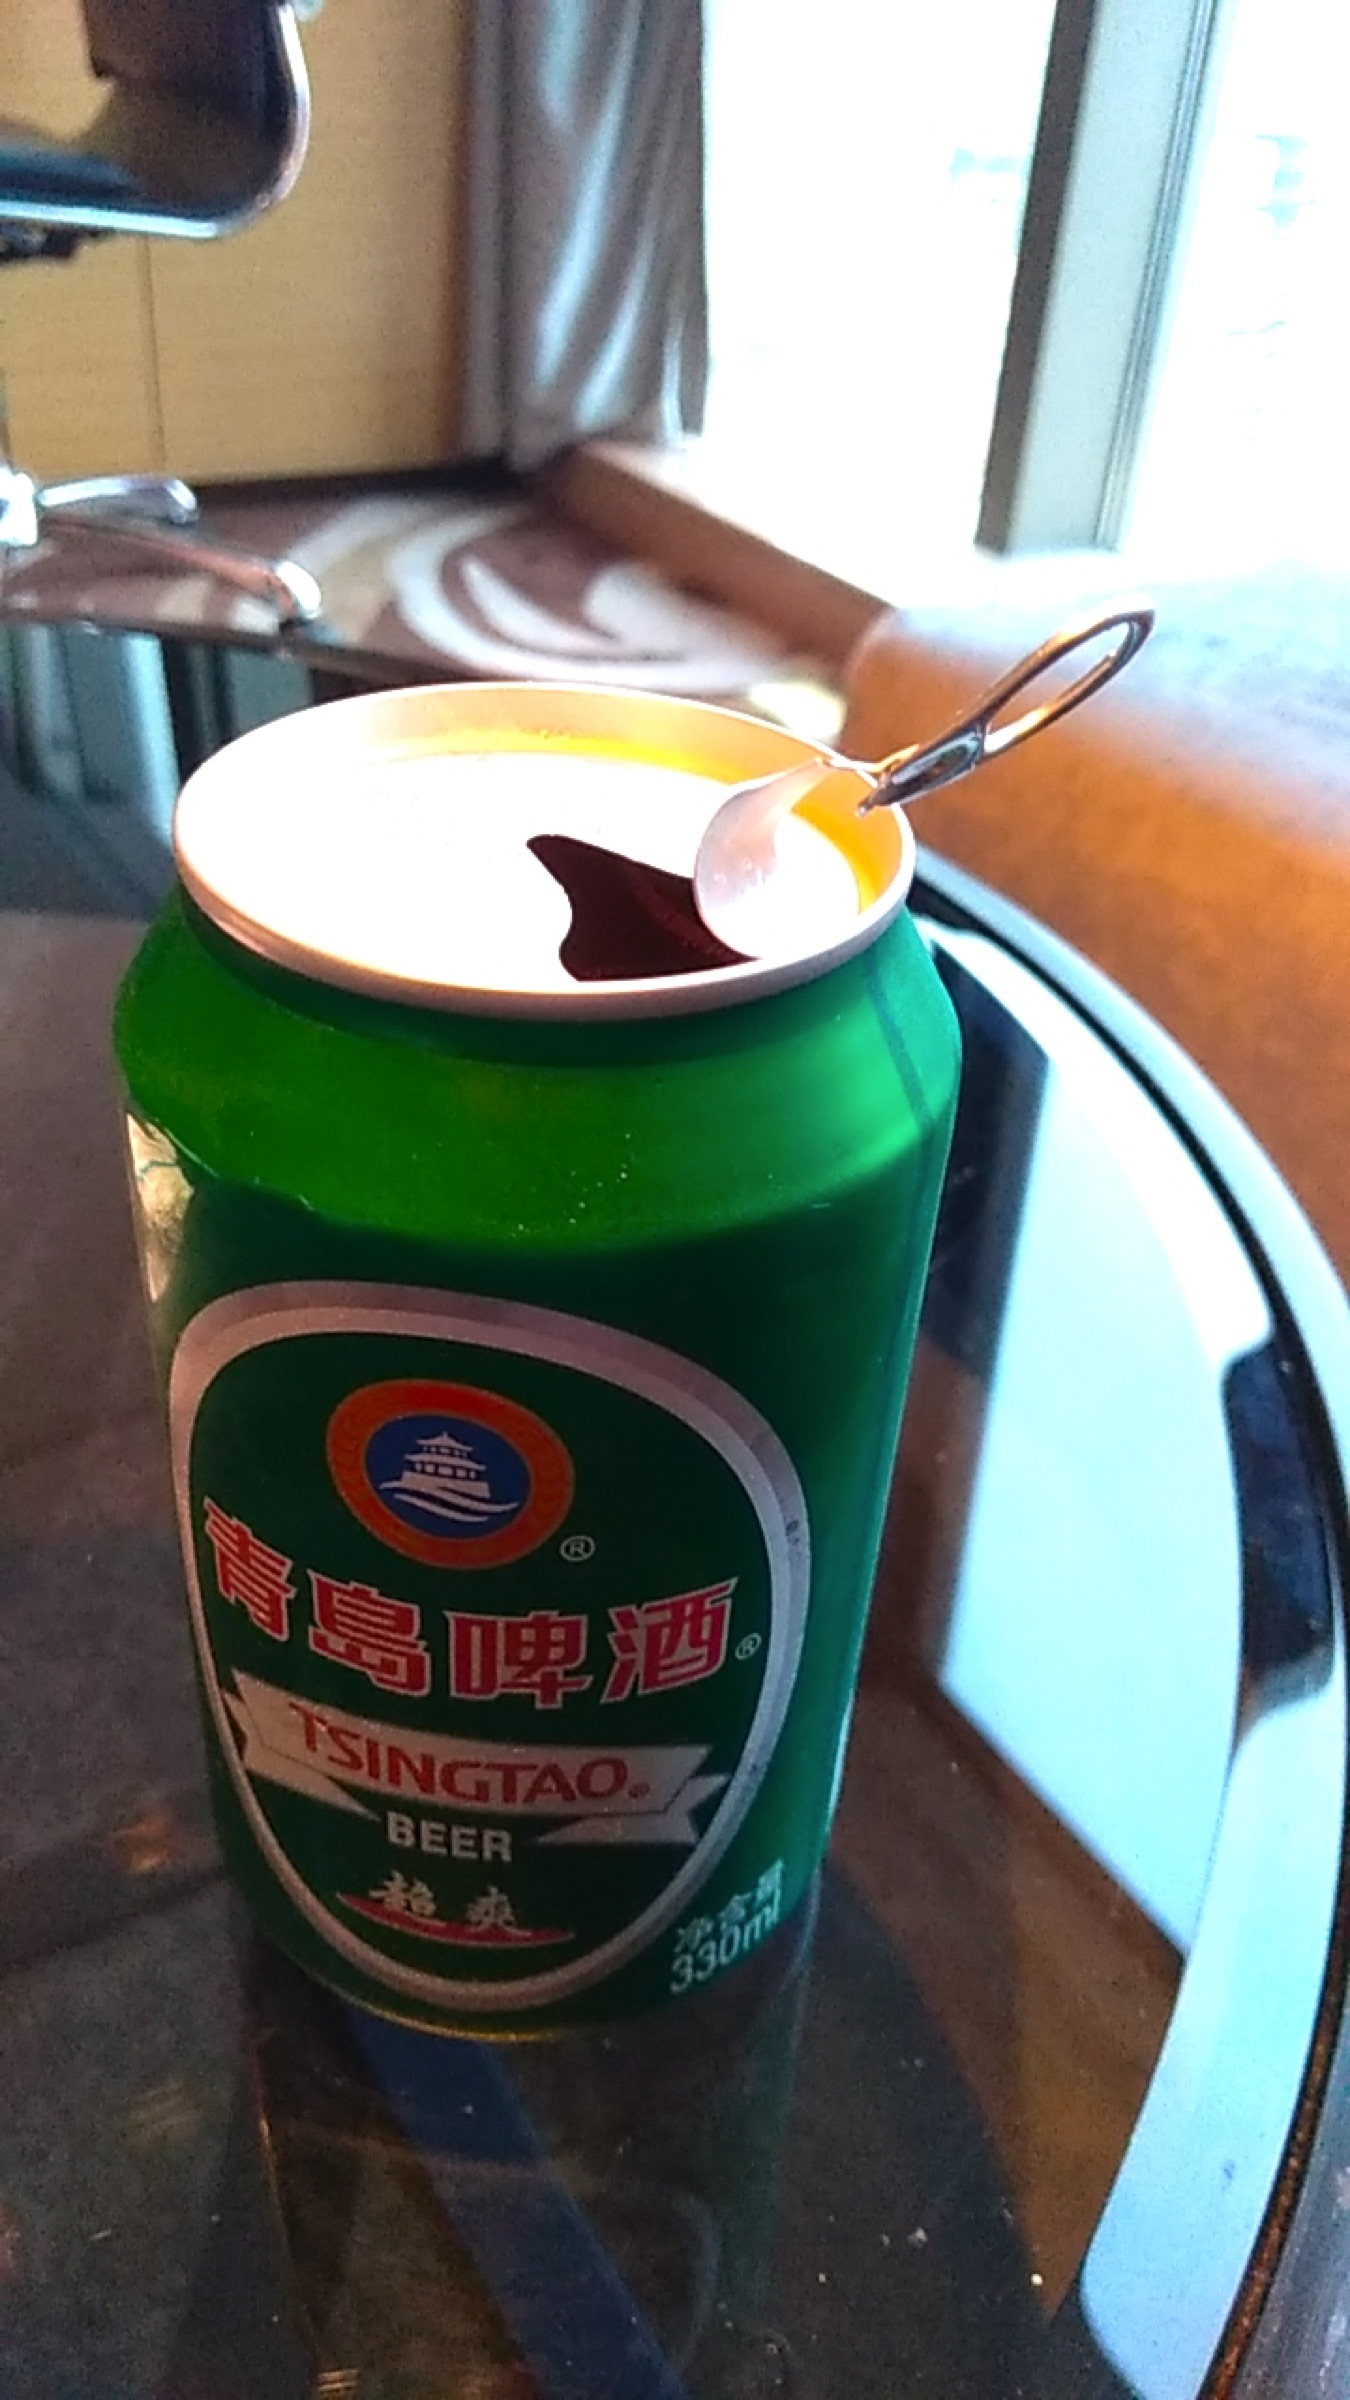 中国 深セン 福田 ウィンダム・グランド・ホテル 青島ビール 懐かしいプルタブ Shenzhen Futian Wyndham Grand Hotel_[0]